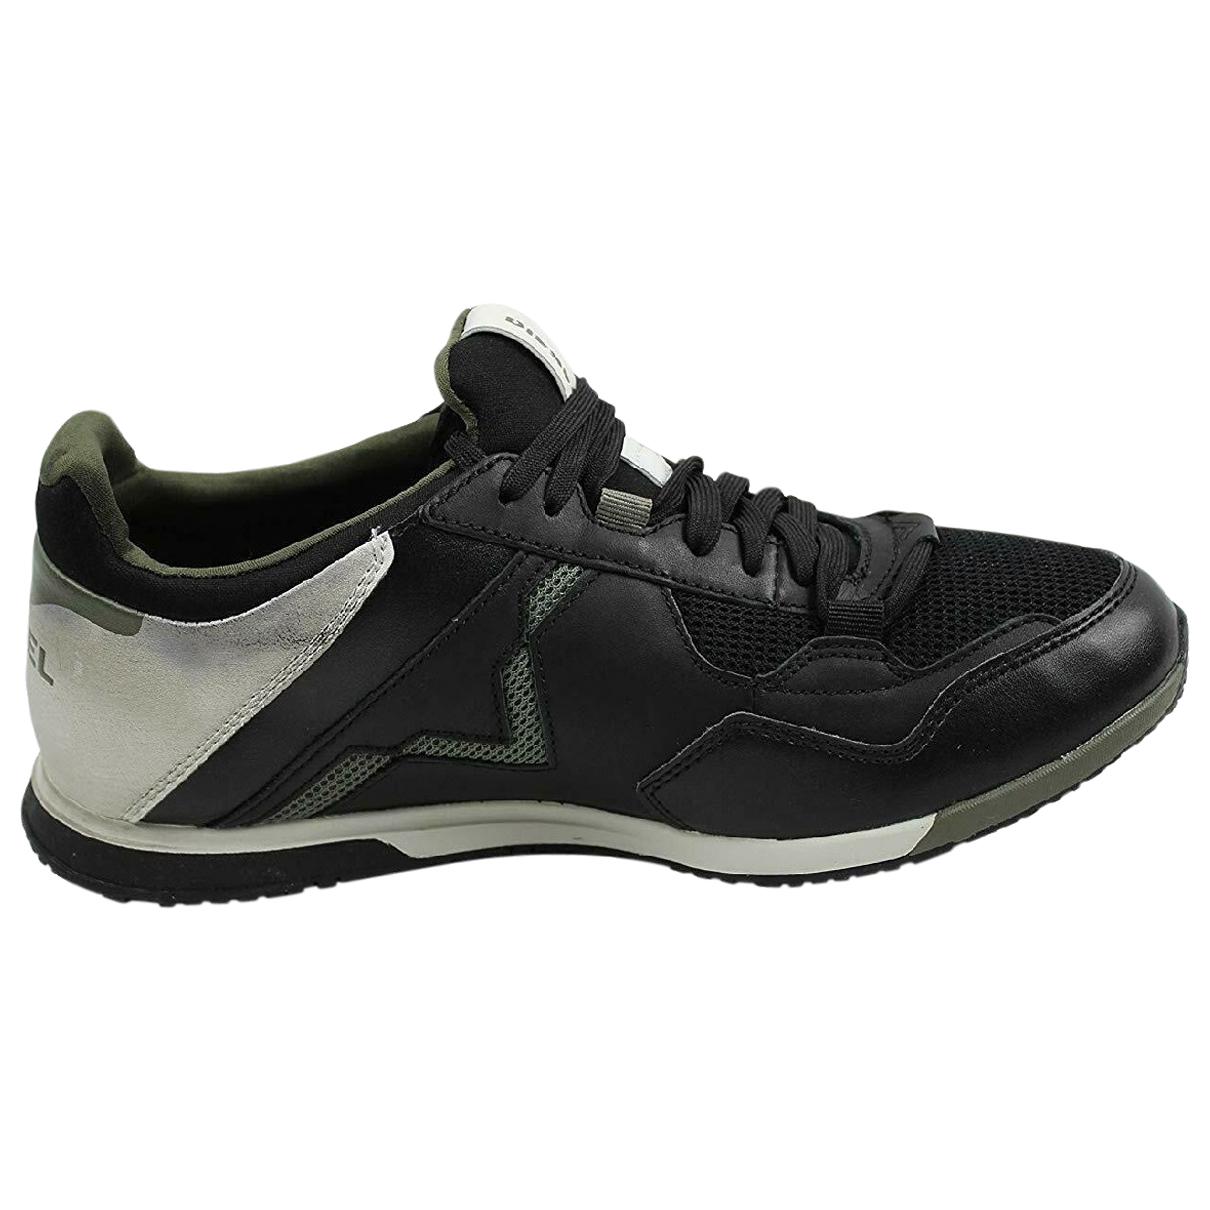 Diesel - Baskets   pour homme en cuir - noir